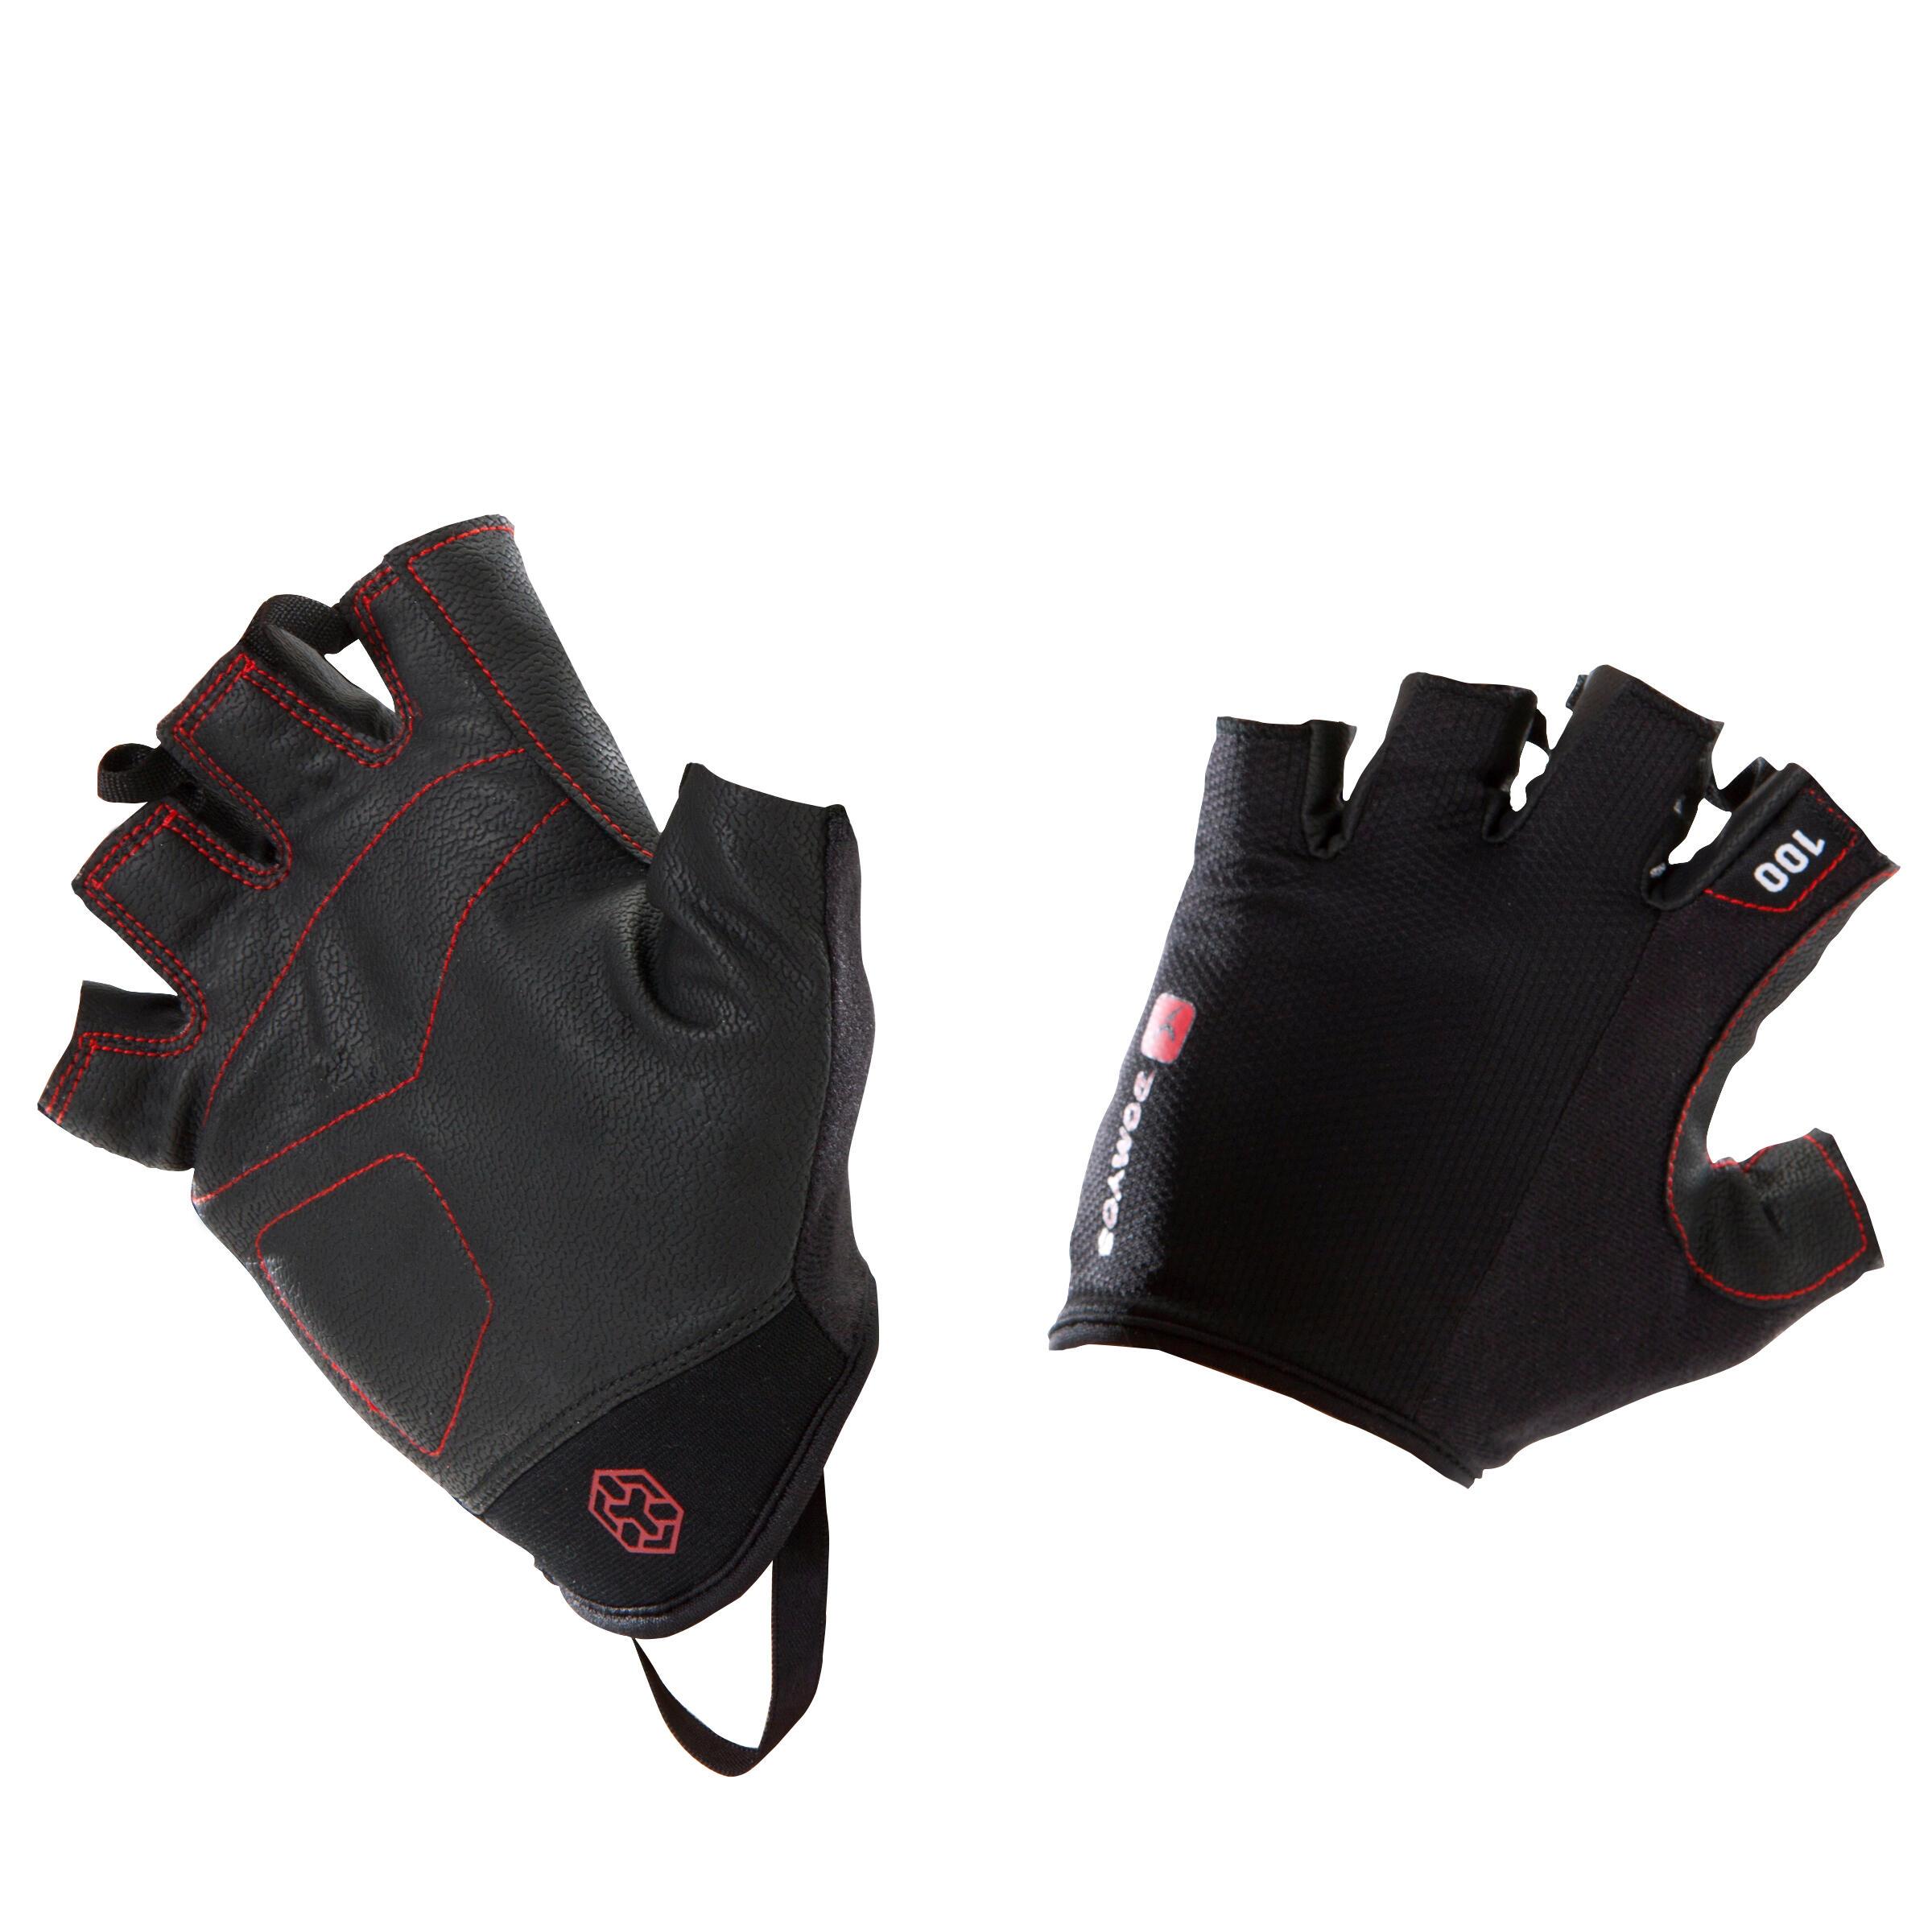 Domyos Handschoen voor krachttraining 100 Domyos zwart/rood